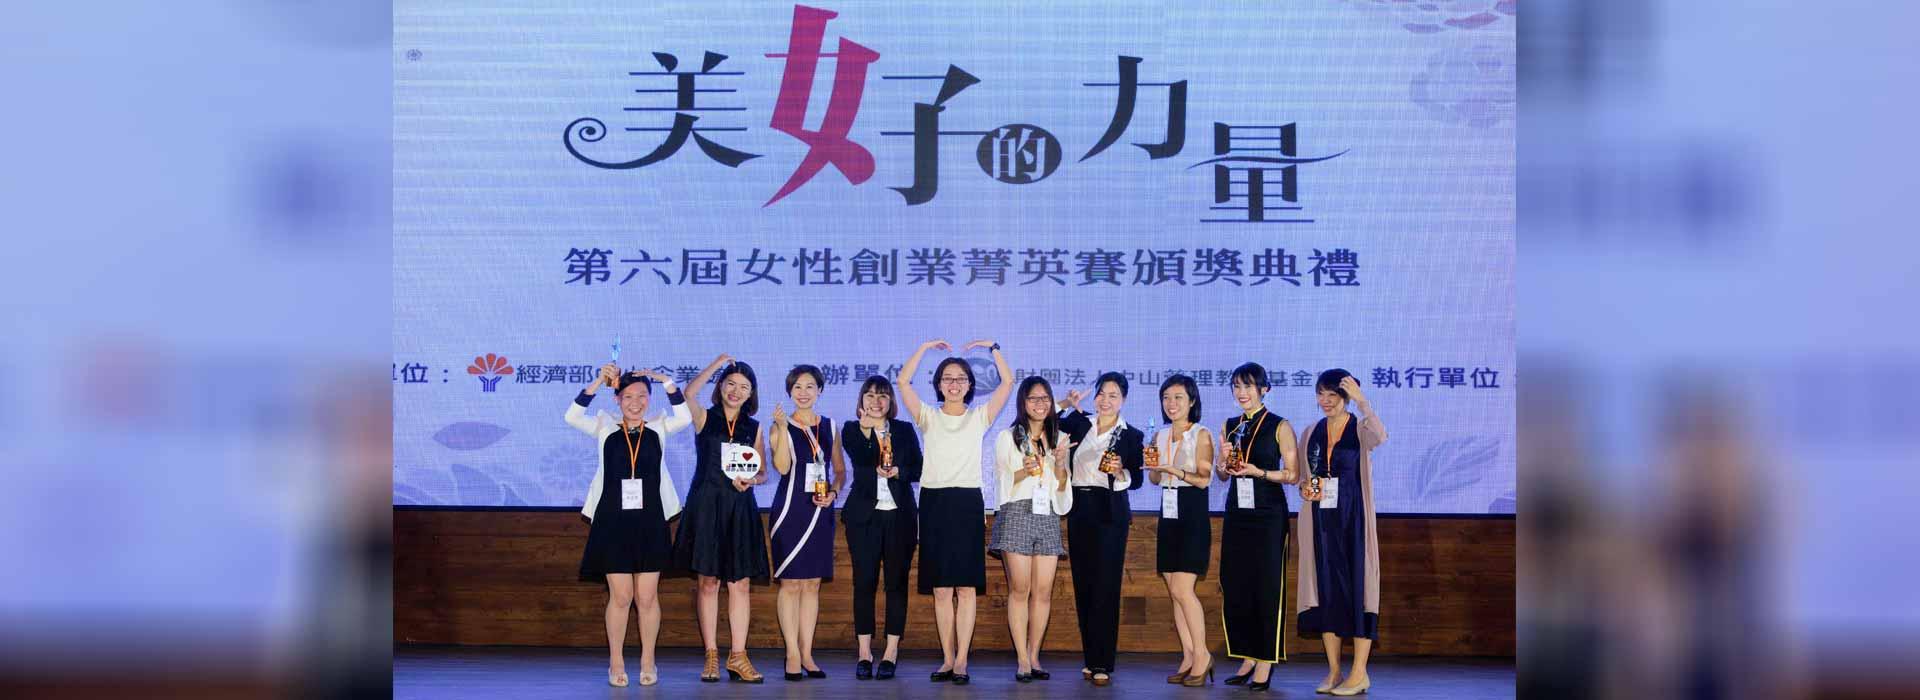 女人,妳能!第七屆女性創業菁英賽正式開跑